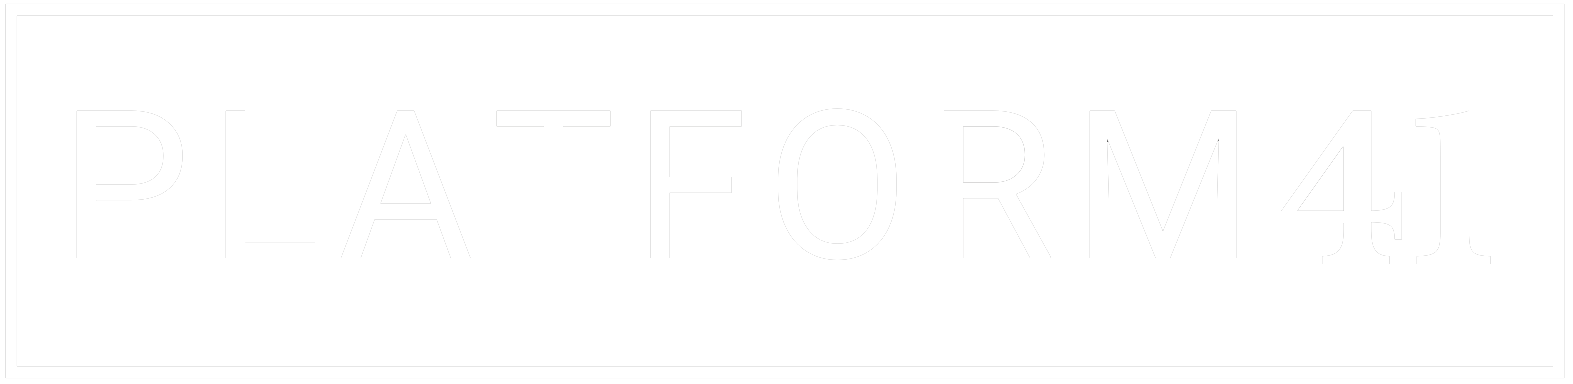 Platform 41